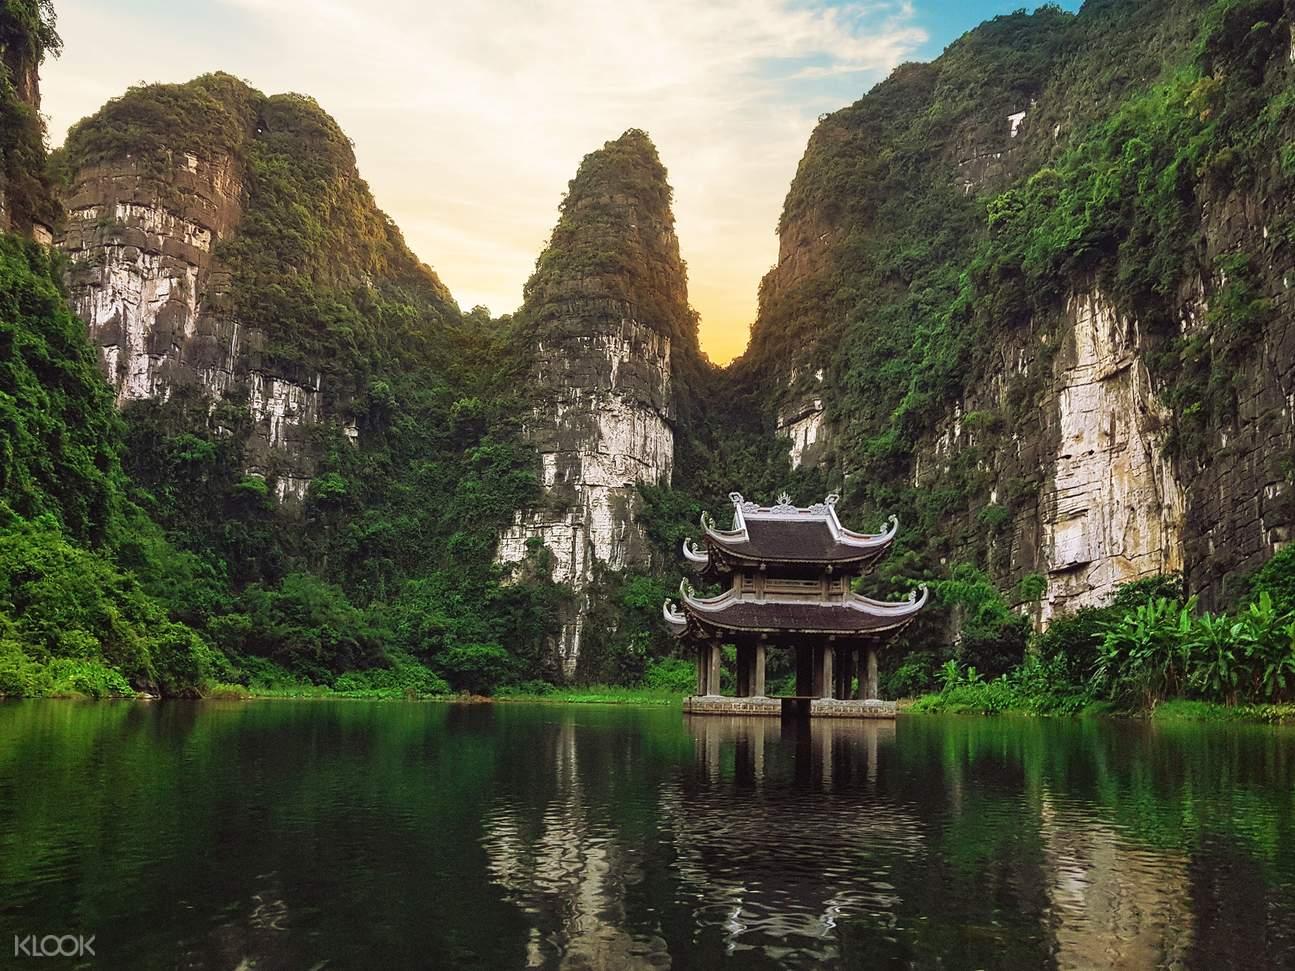 Bai Dinh - Trang An - Mua Cave Tour from Hanoi